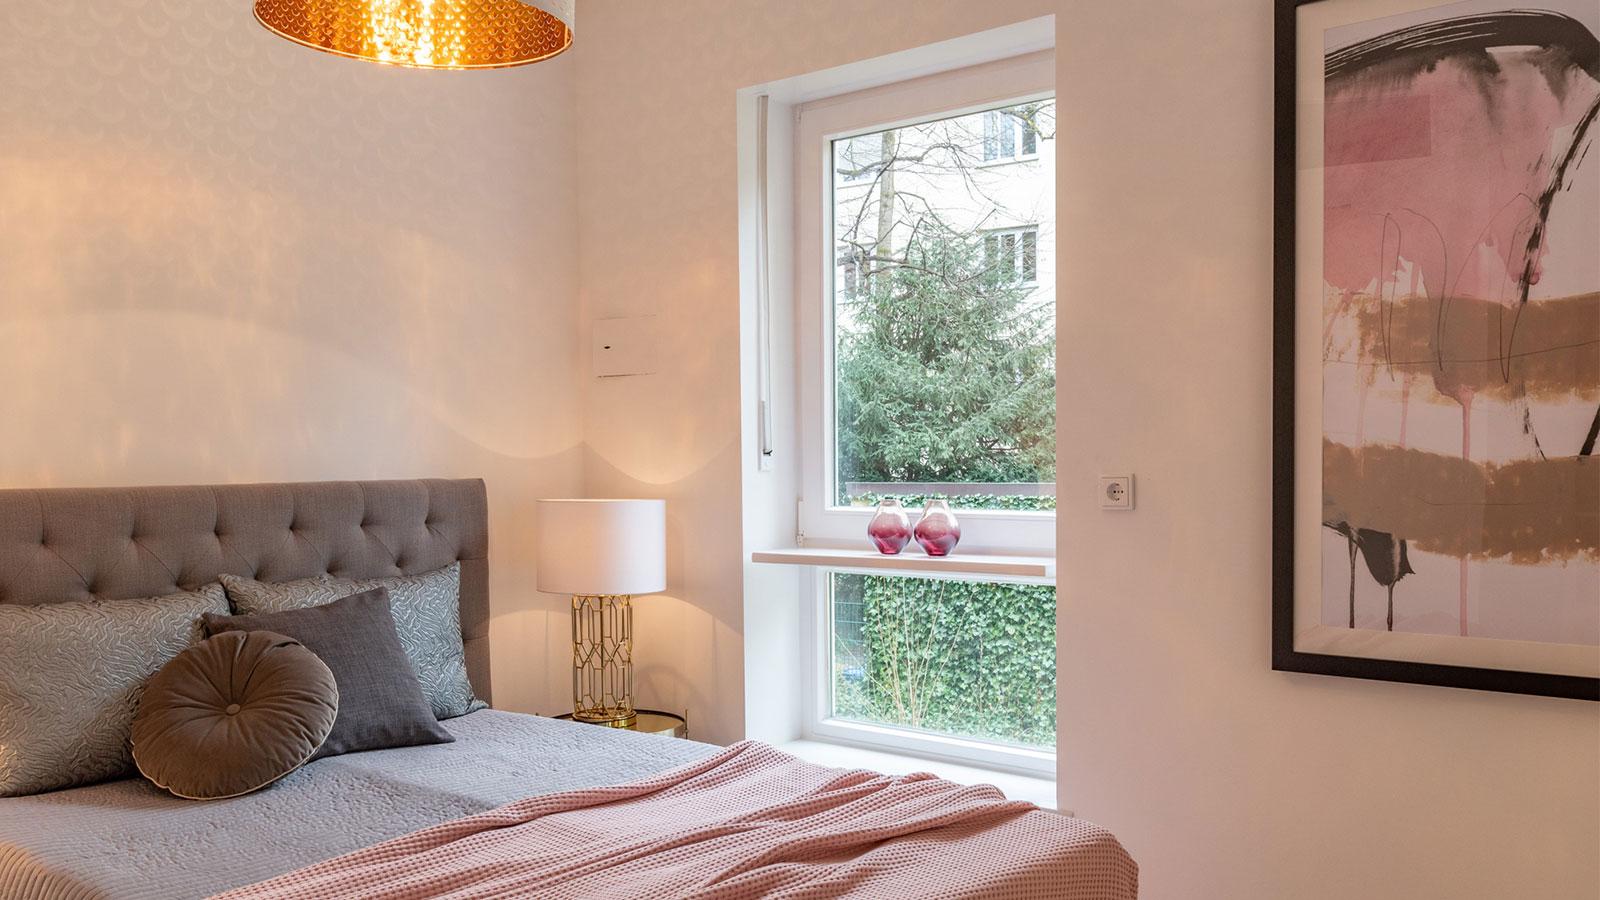 1-Zimmer Appartement im Herzogpark